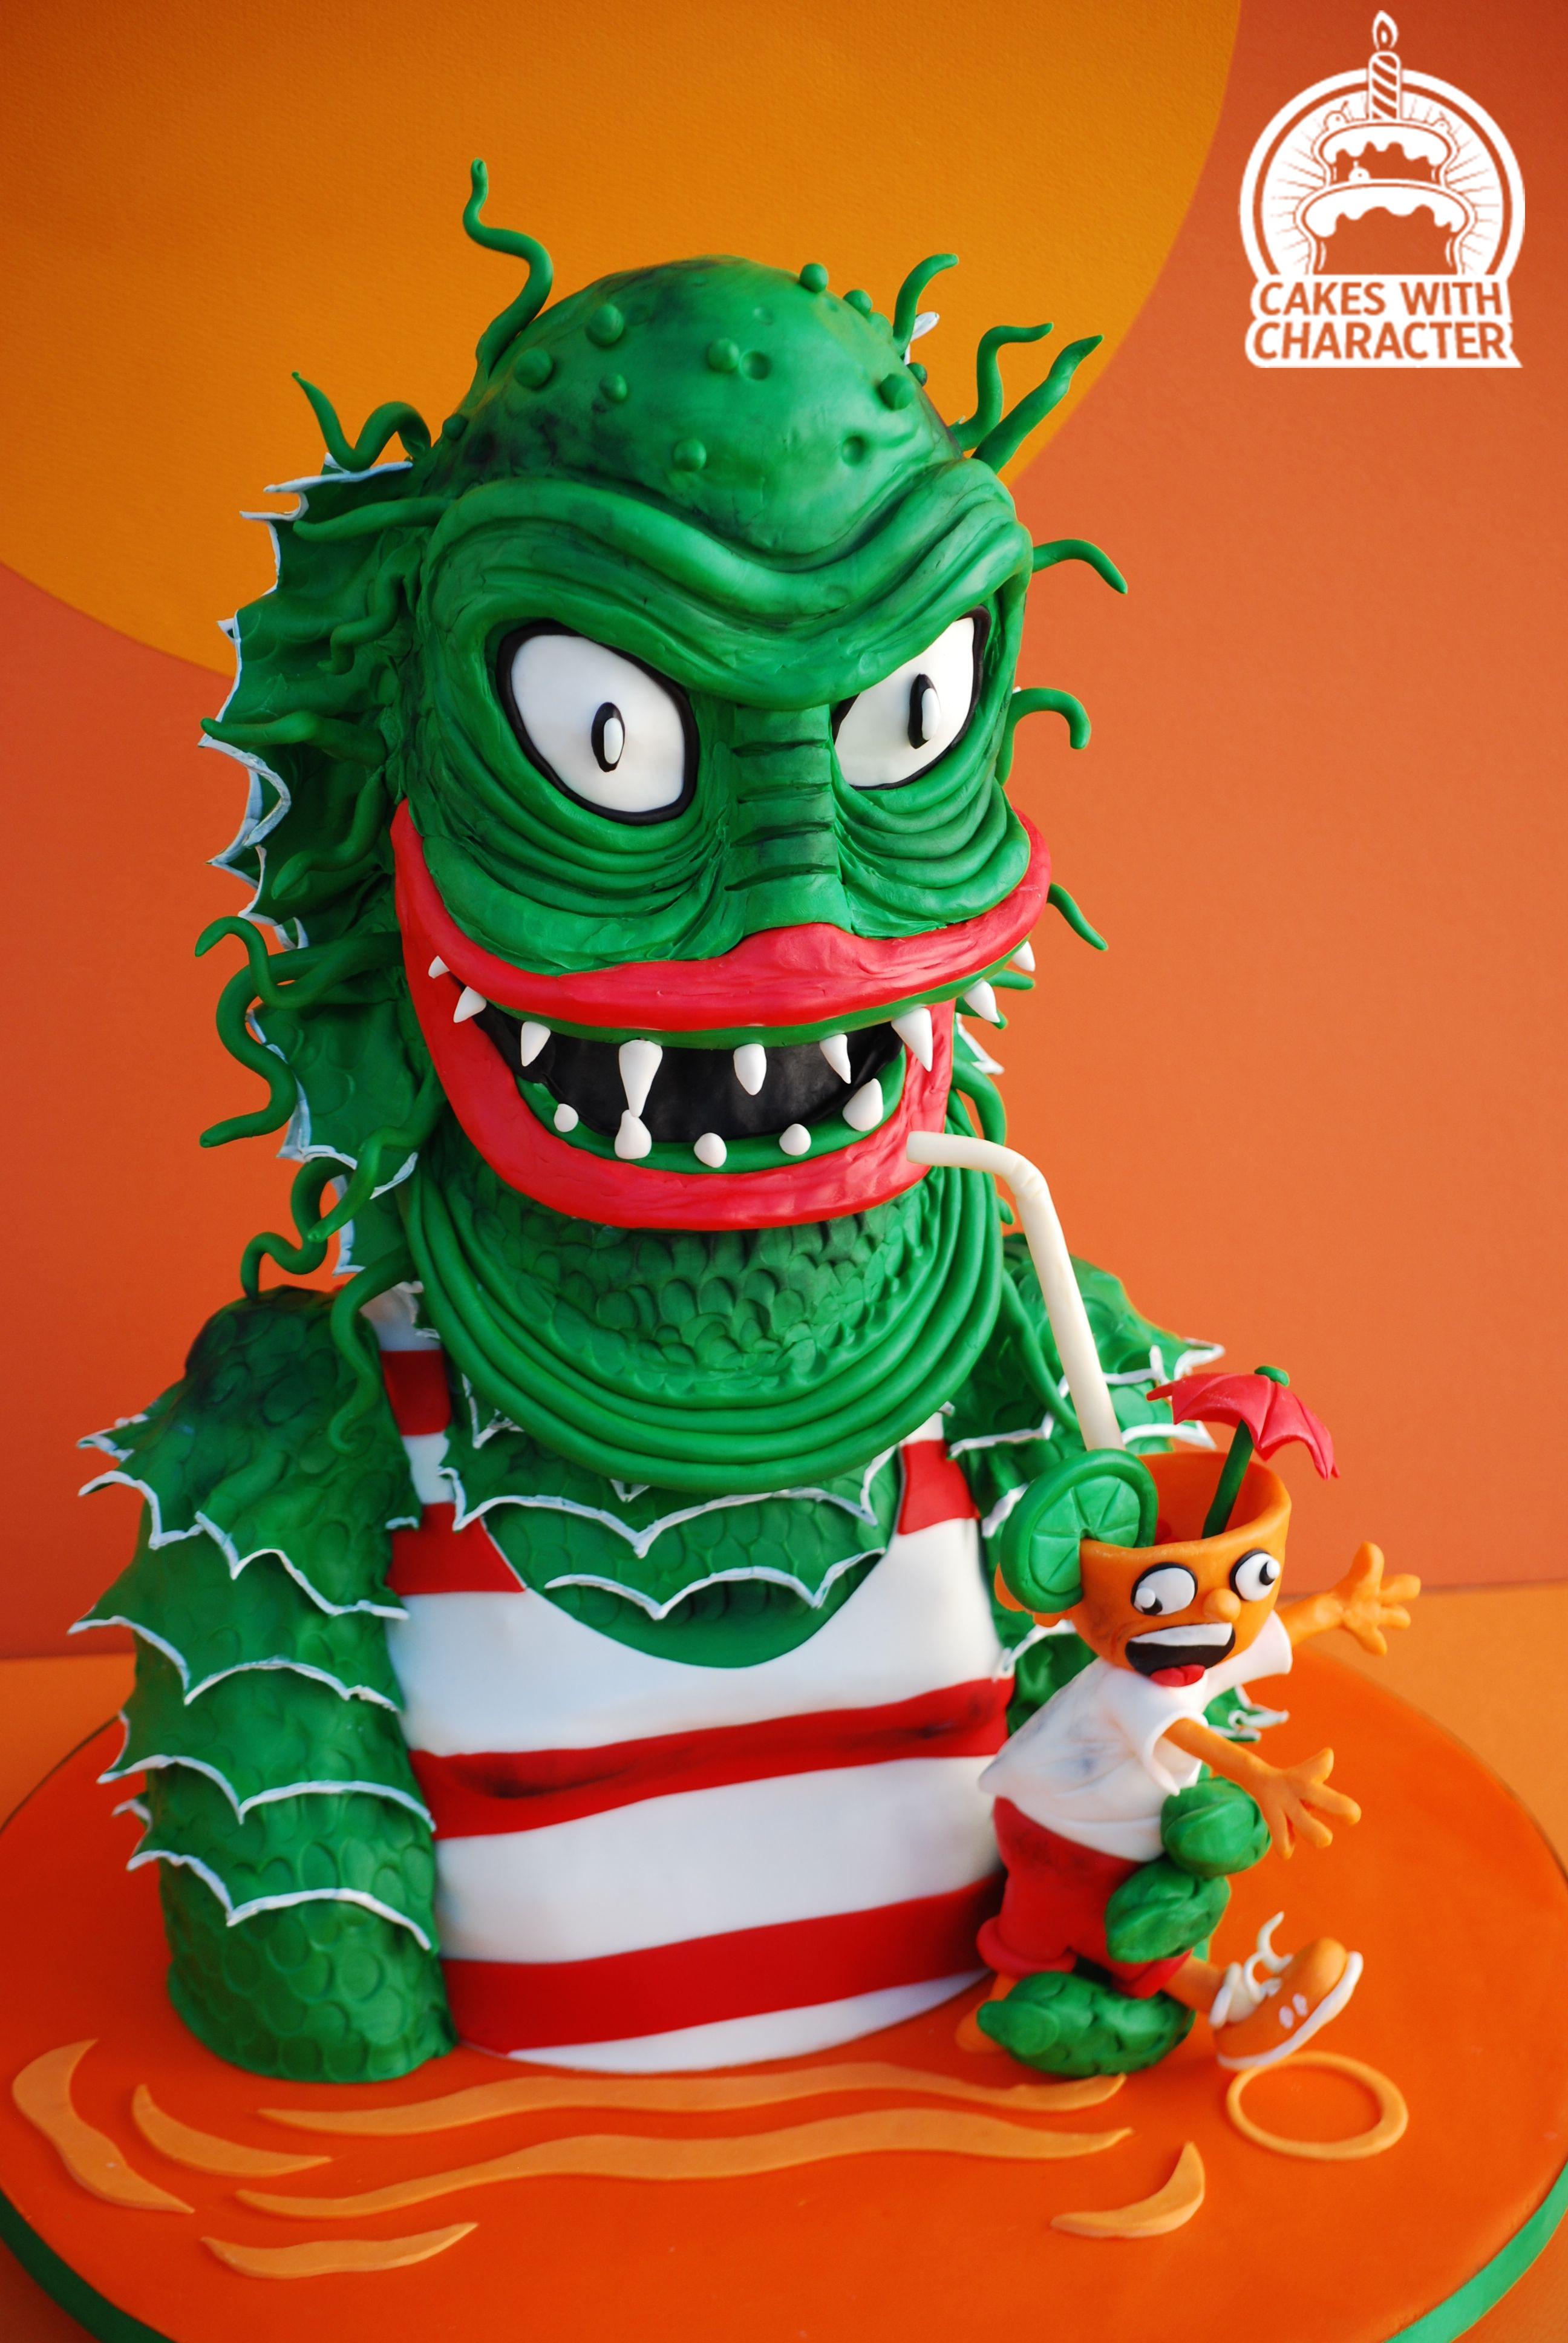 Green sea monster cake